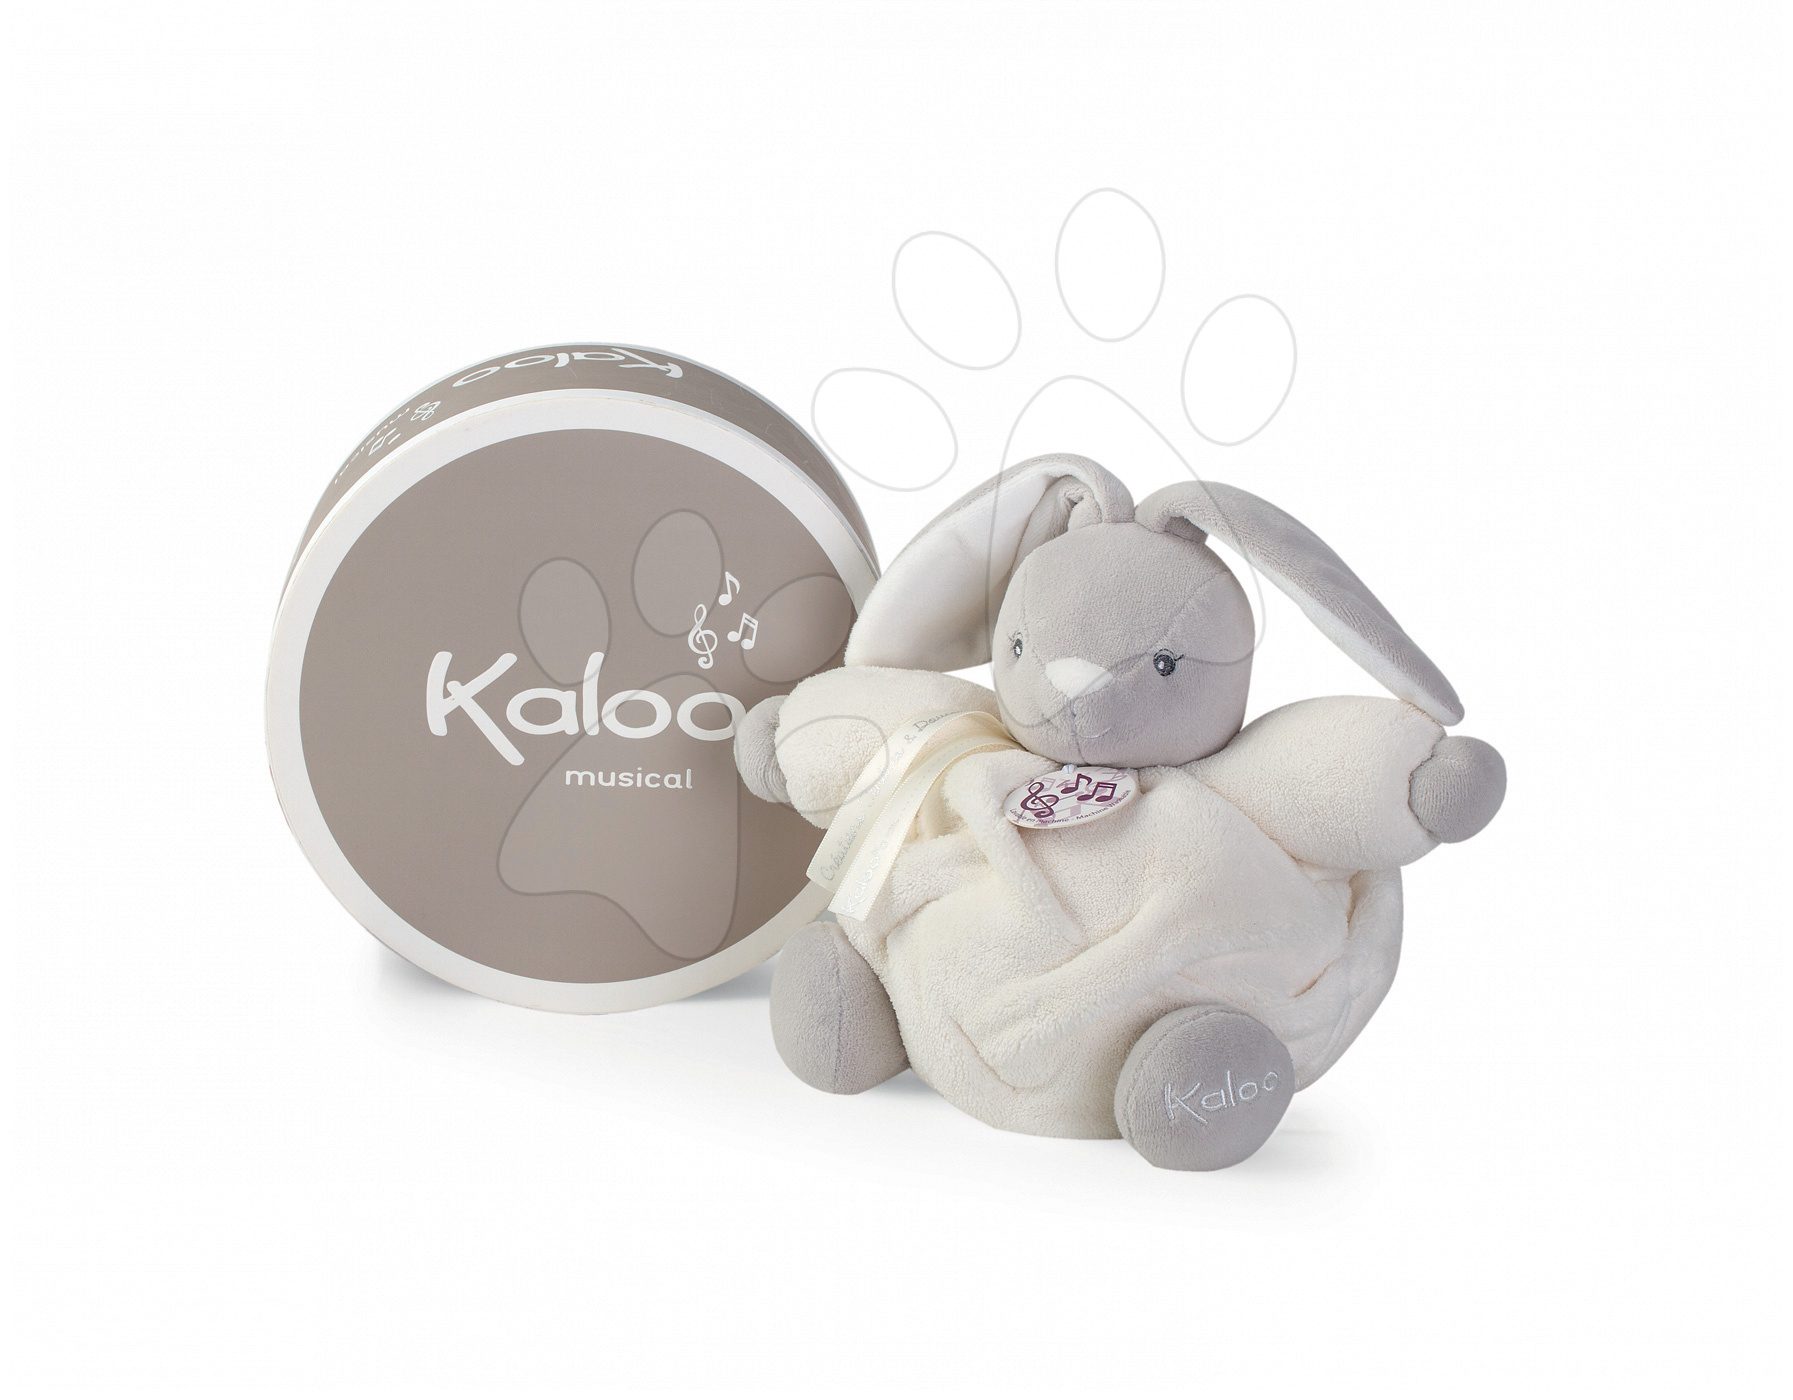 Plyšový zajačik Plume-P'tit Lapin Creme Musical Kaloo spievajúci 18 cm v darčekovom balení pre najmenších krémový